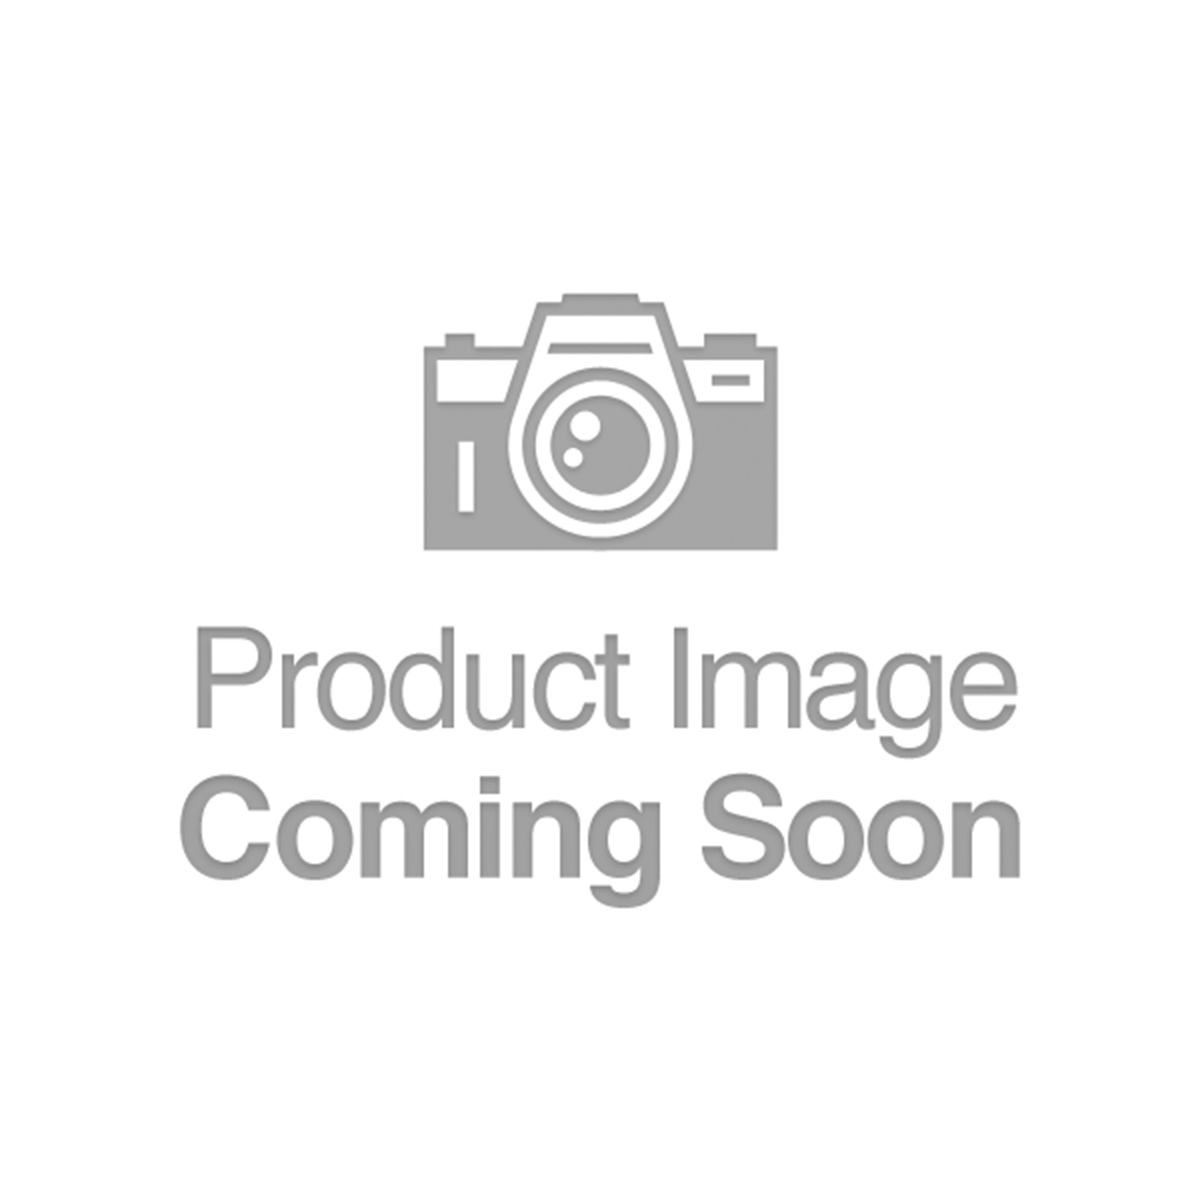 Troy - New York - CH 721 - FR 1802-1 - VF/XF